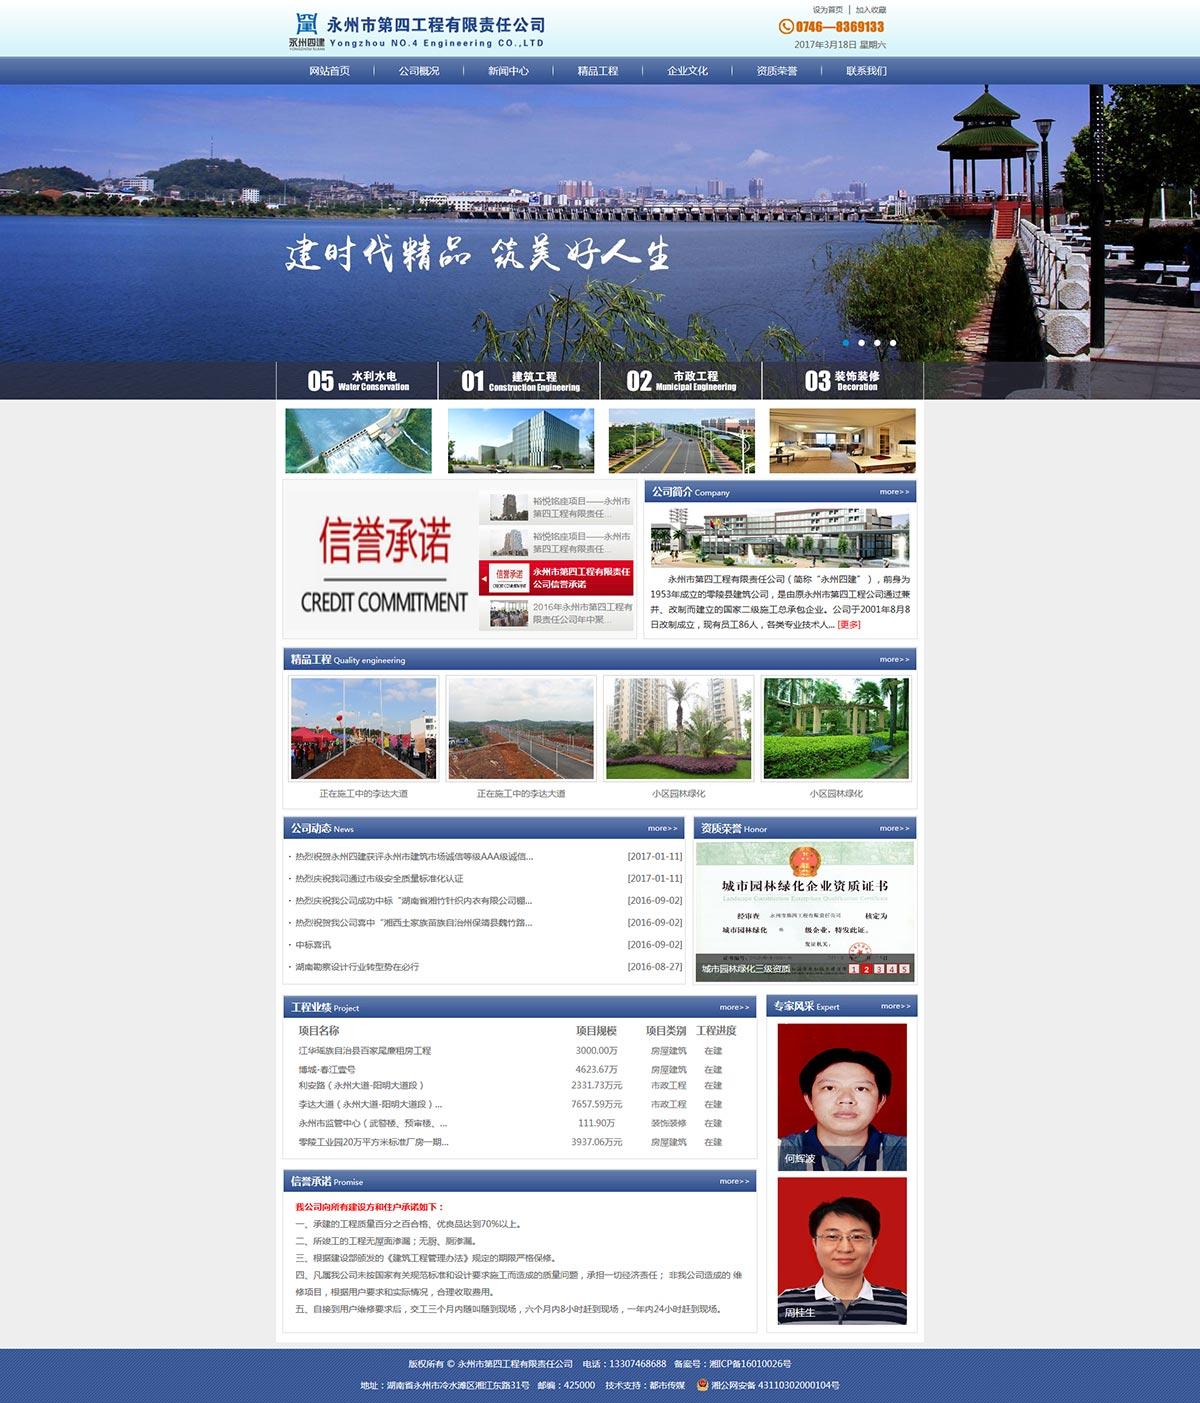 永州市第四工程有限责任公司